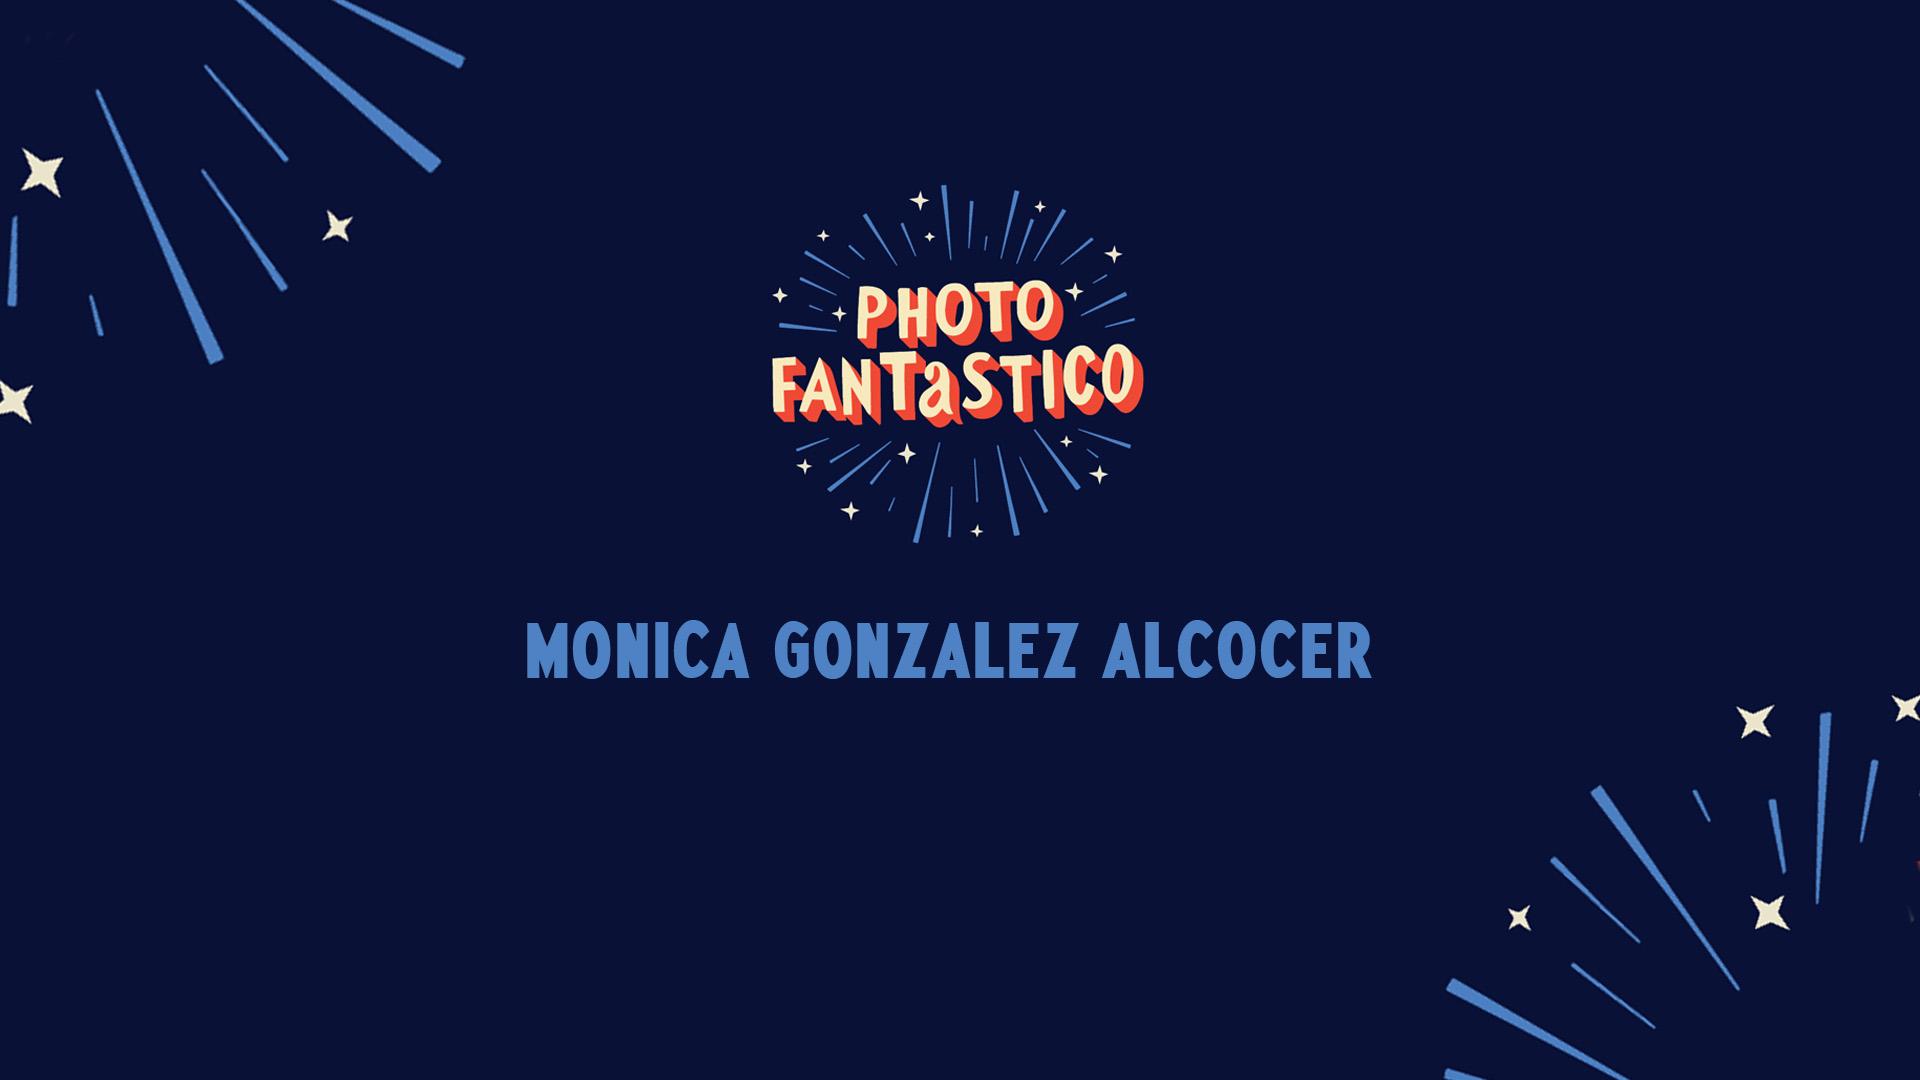 Monica Gonzalez Alcocer